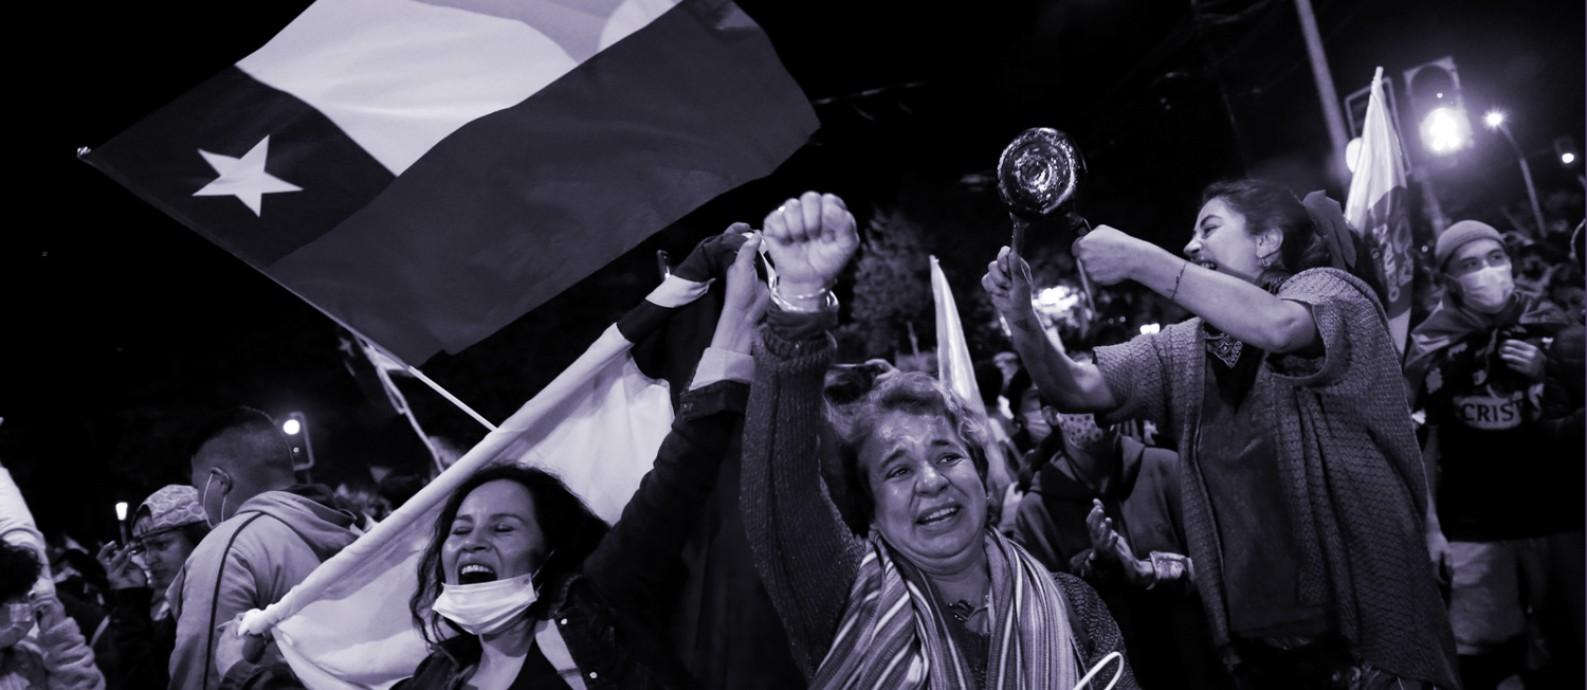 Apoiadoras da elaboração de uma nova Constituição para o Chile comemoram resultado do plebiscito neste domingo (25), em Valparaíso Foto: Rodrigo Garrido / REUTERS